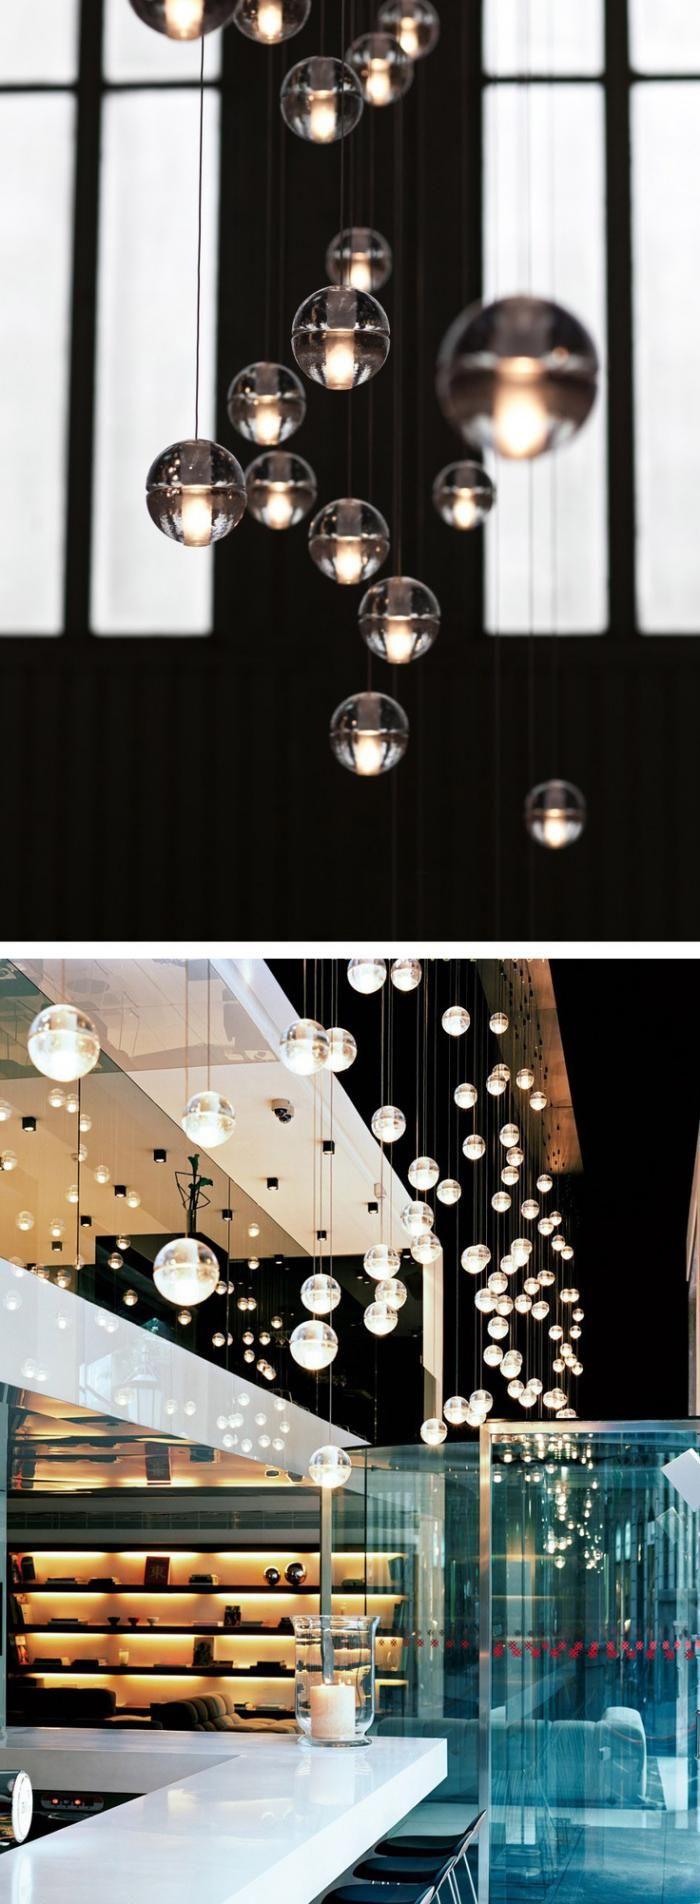 suspension en verre, intérieur glamoureux avec pluie de lampes pendantes